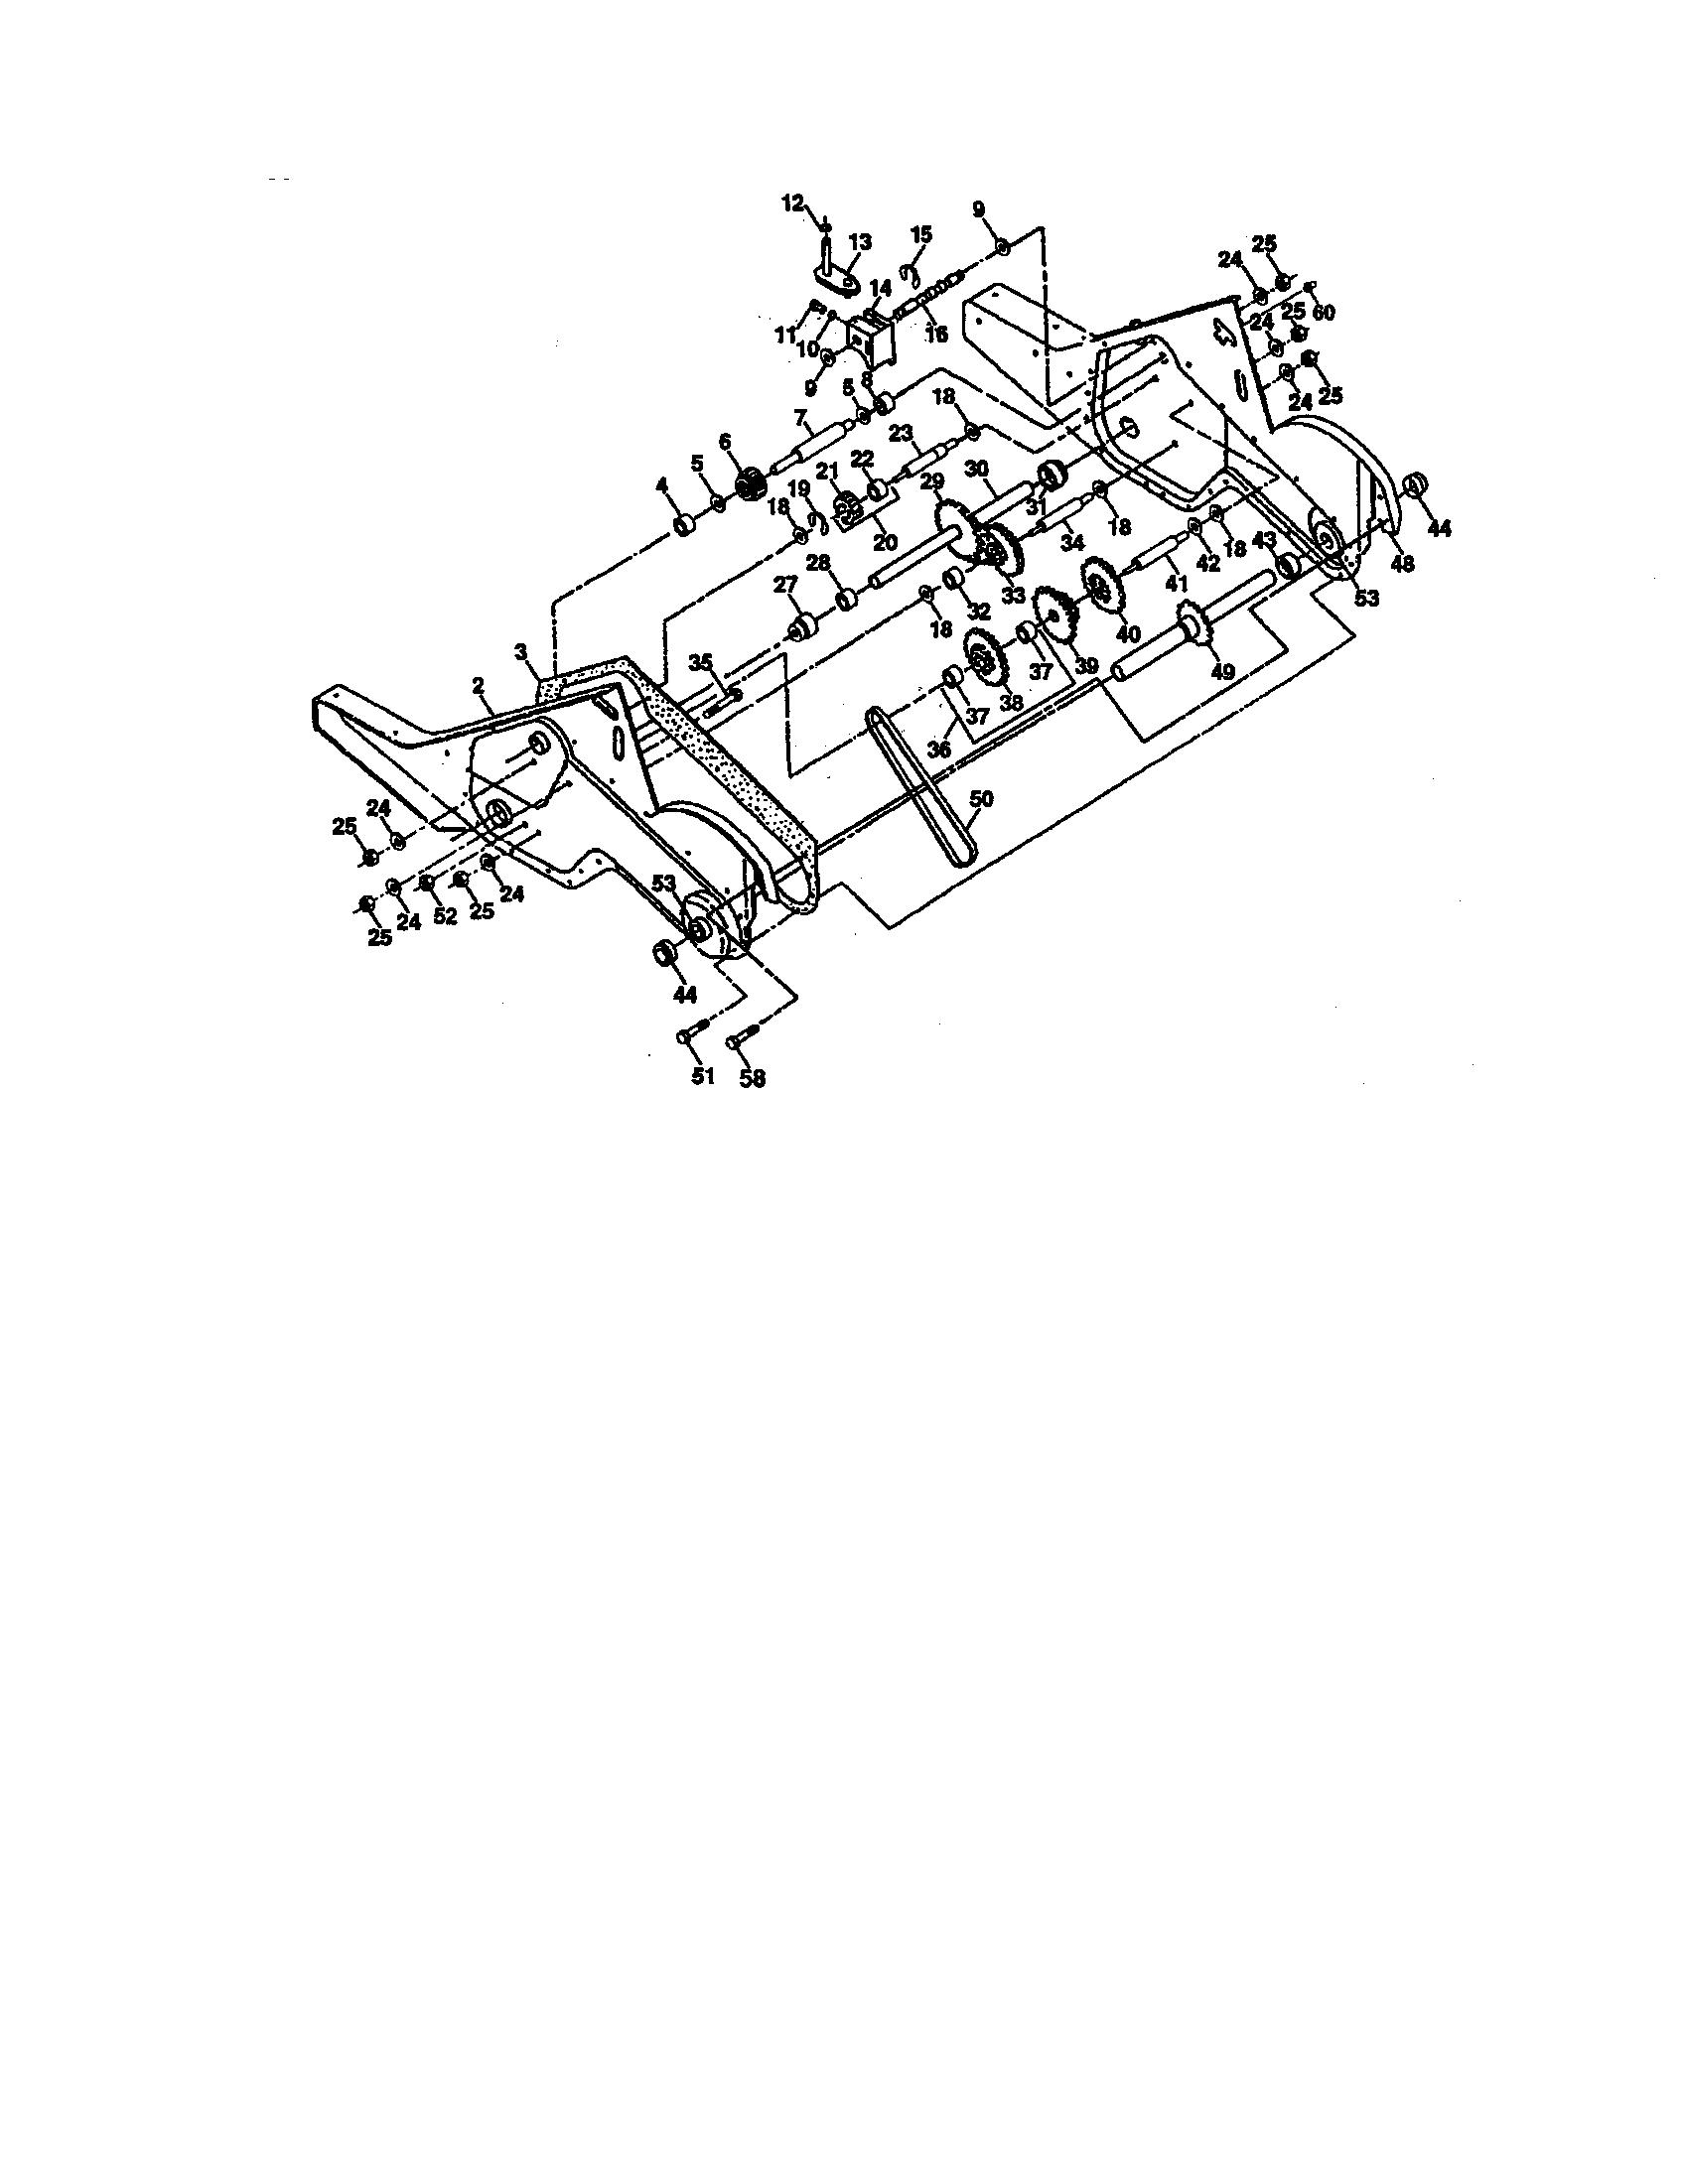 Craftsman model 917293470 rear tine, gas tiller genuine parts